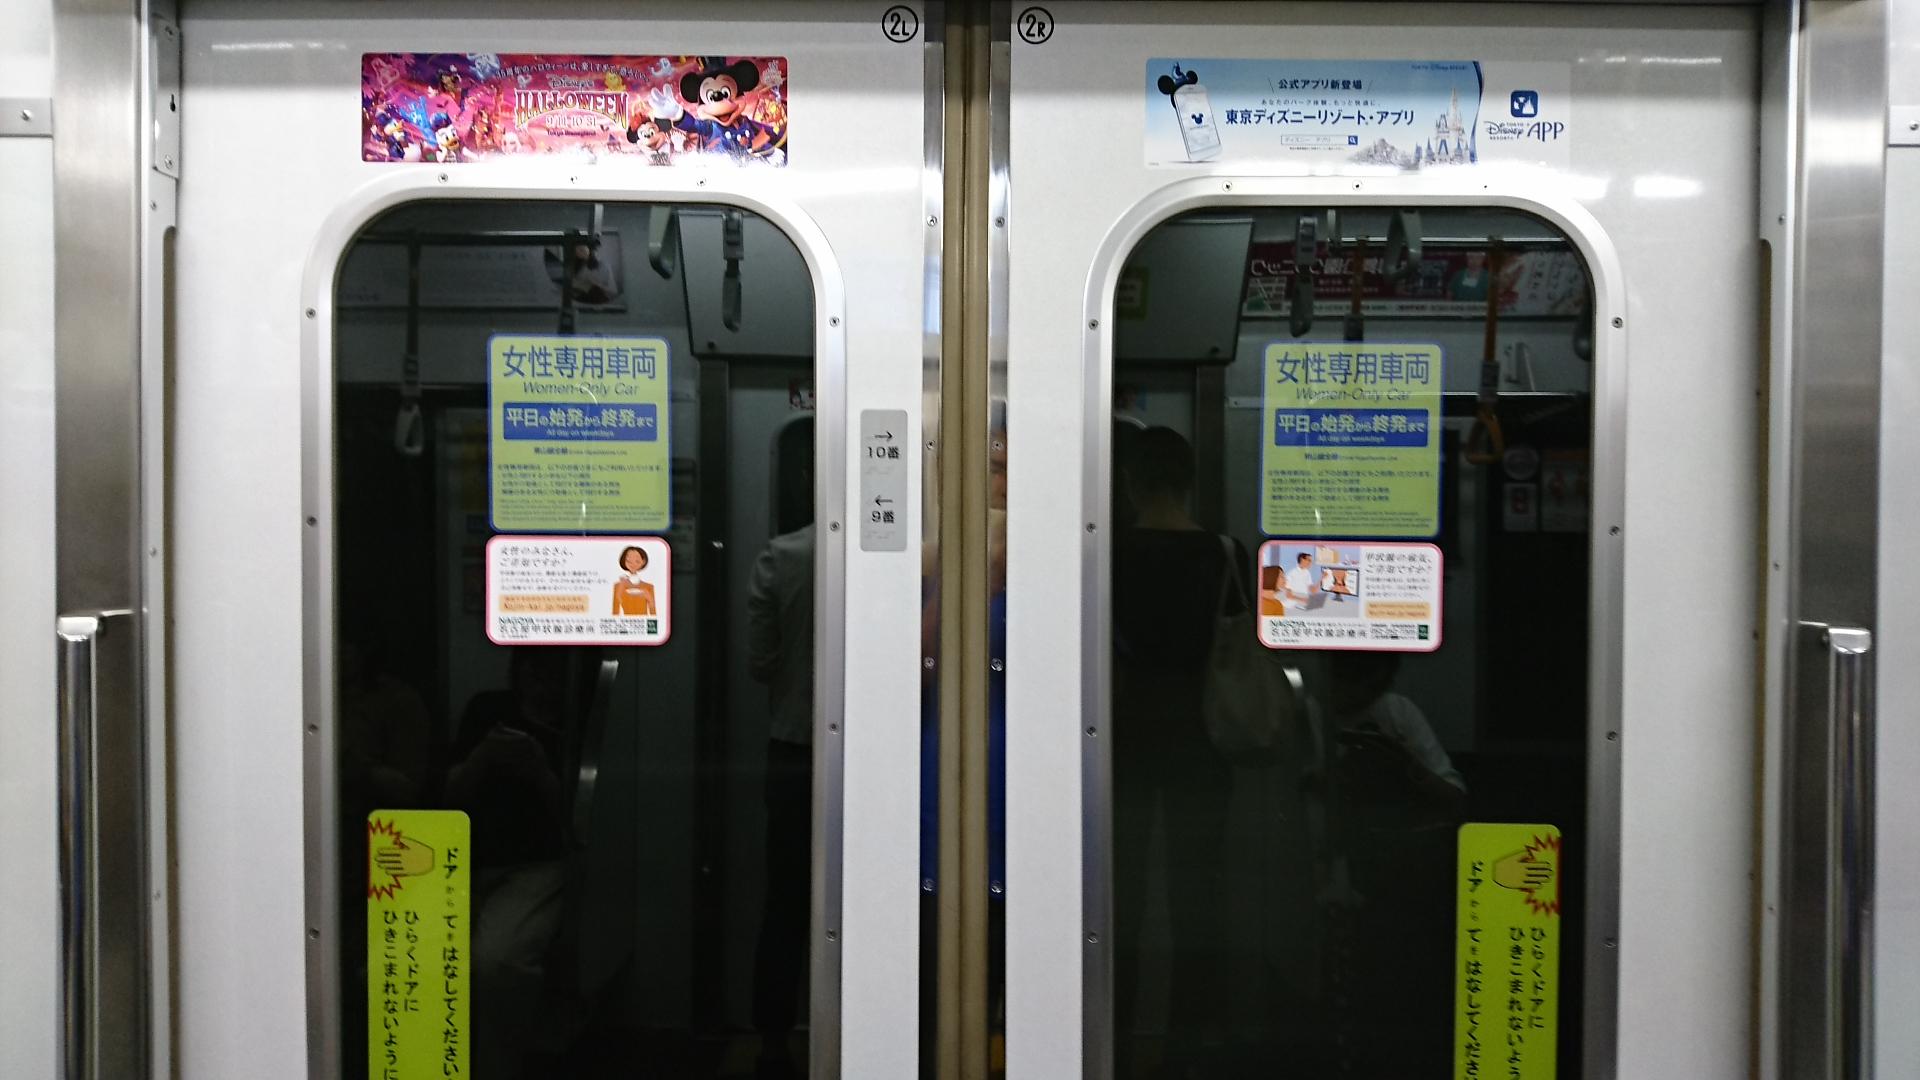 2018.9.4 (1012) 高畑いき - 伏見-名古屋間 1920-1080